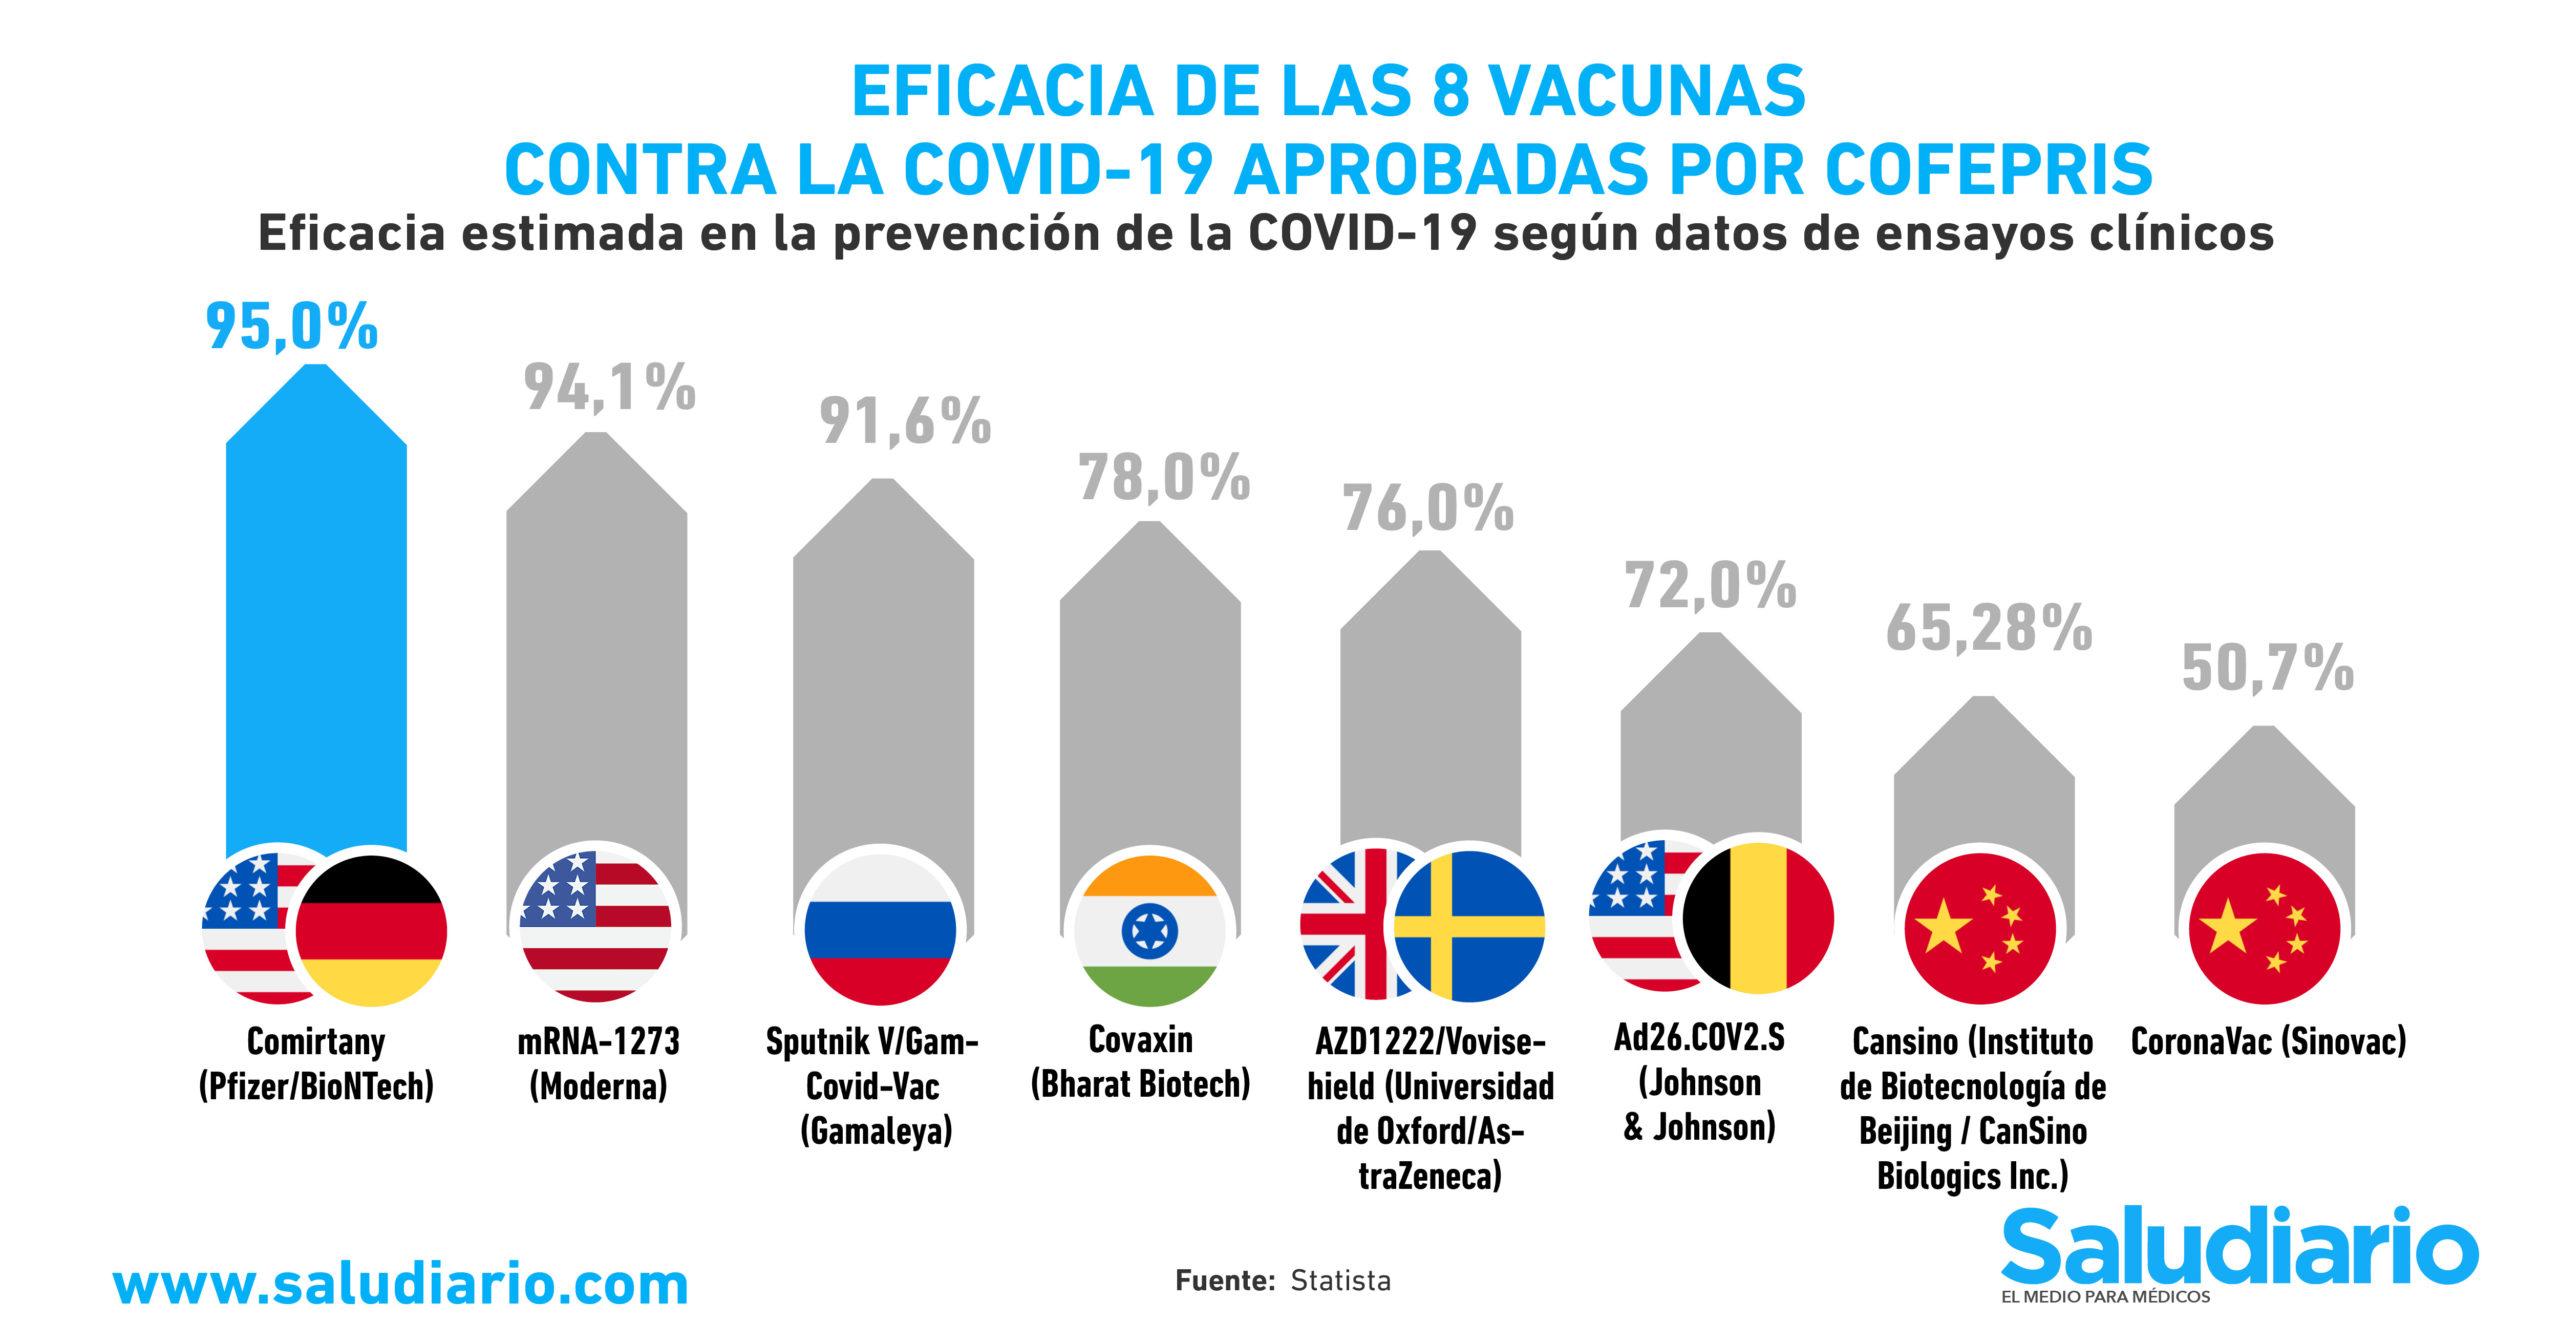 GRÁFICA: Eficacia de las 8 vacunas contra la Covid-19 aprobadas por Cofepris